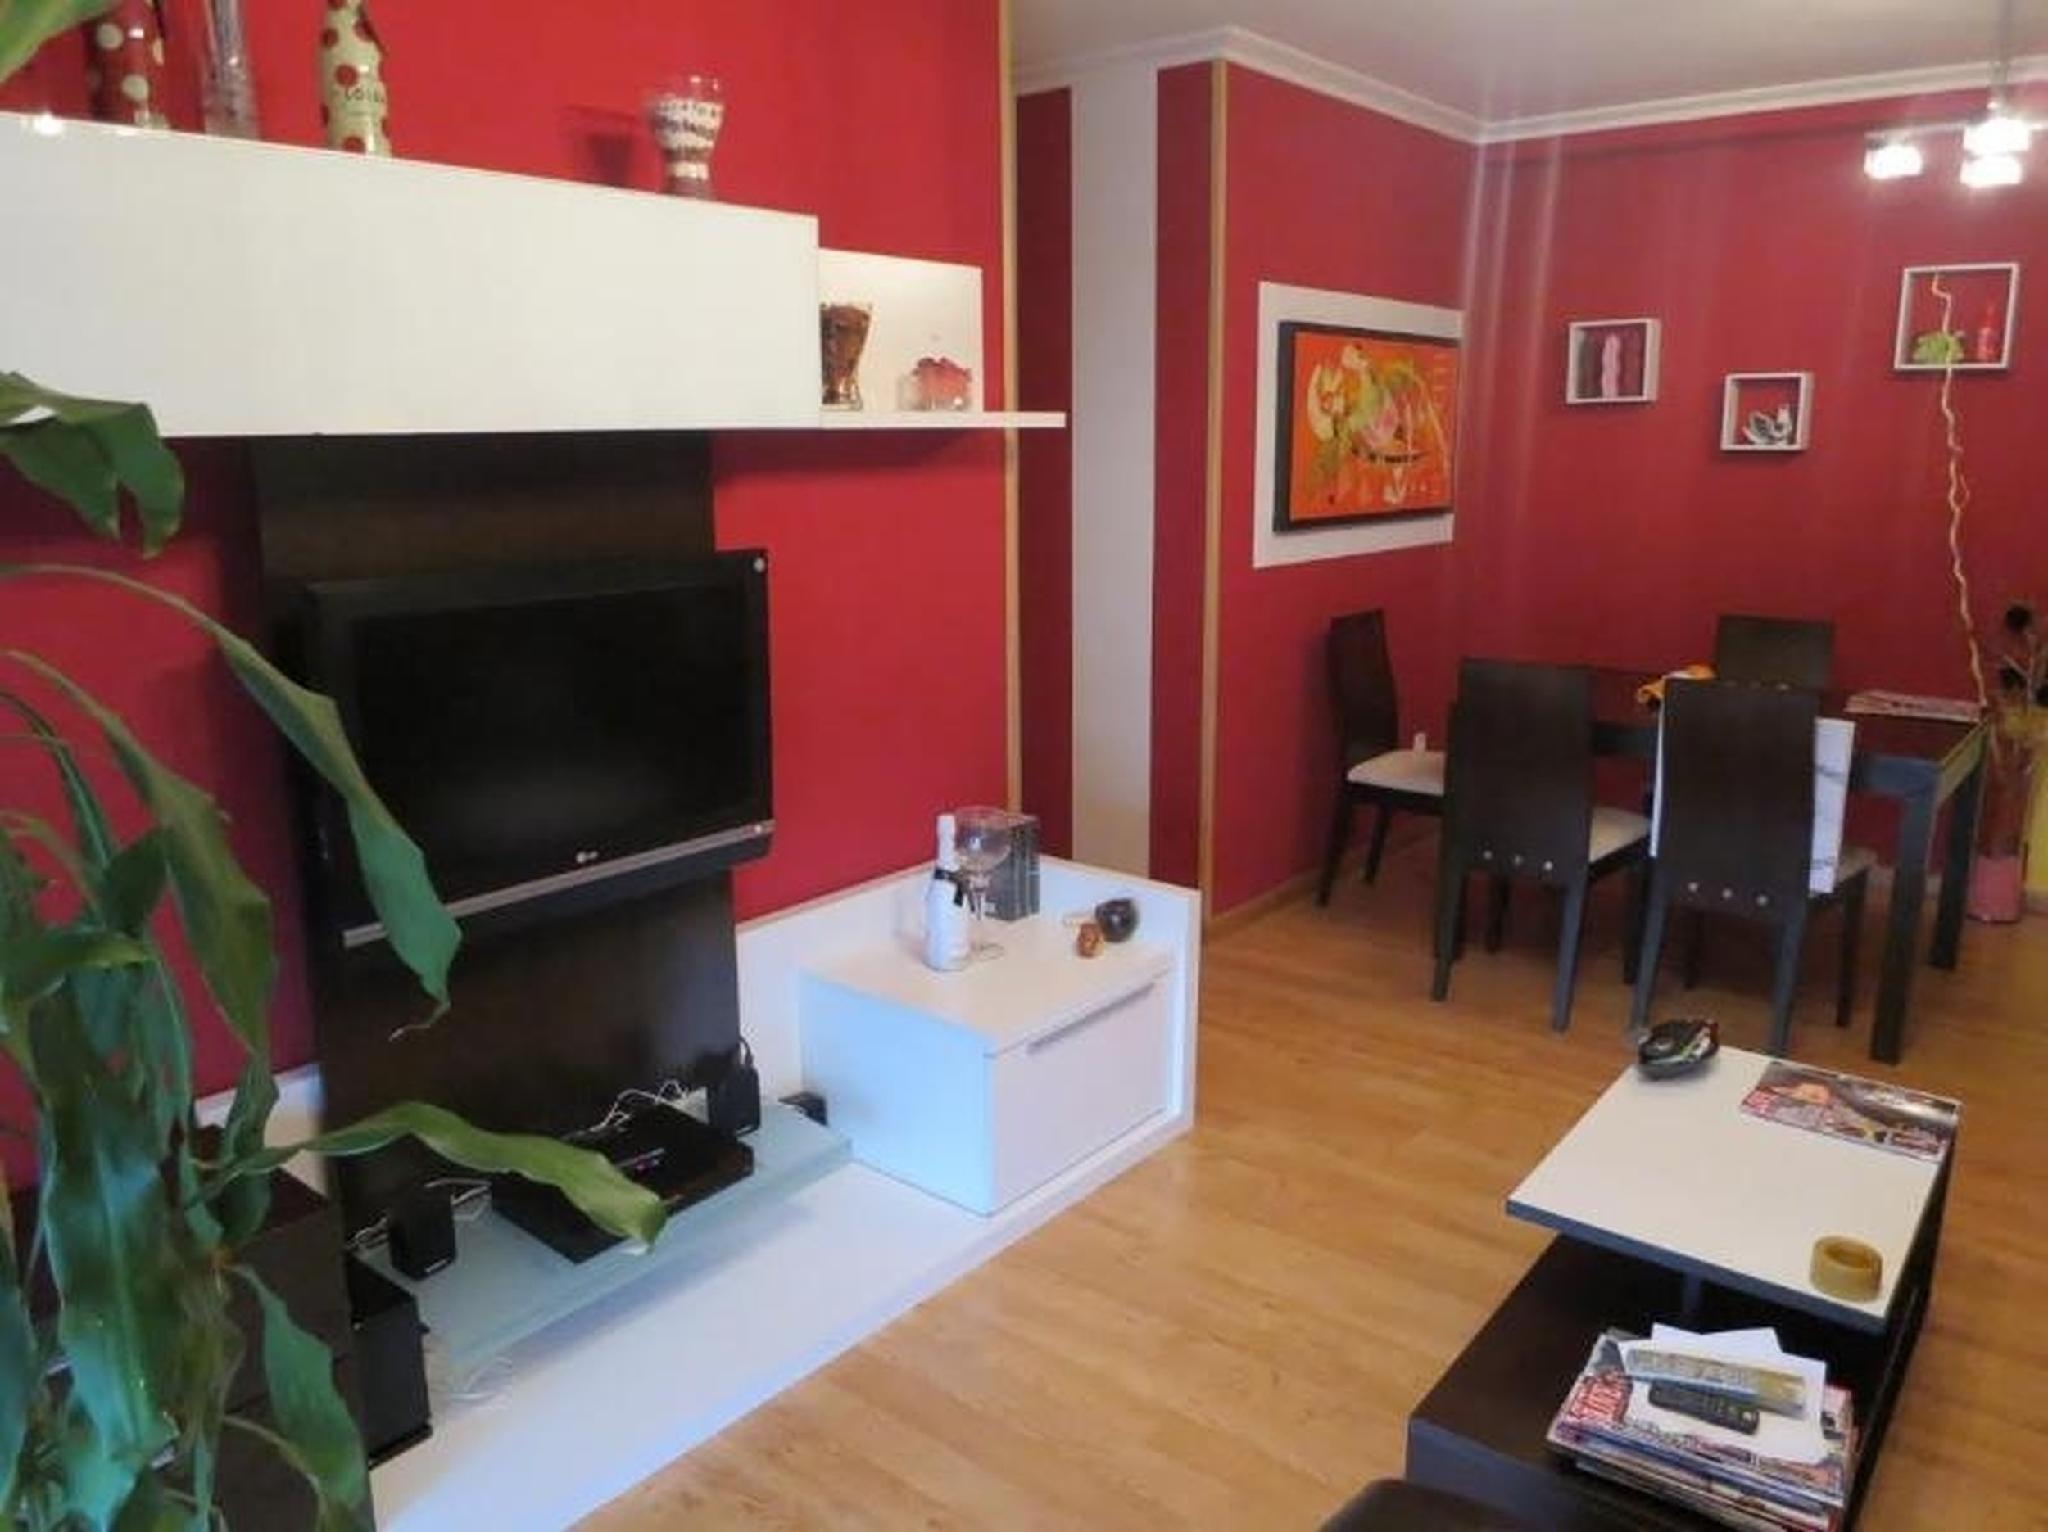 102058   Apartment In Vilagarcia De Arousa